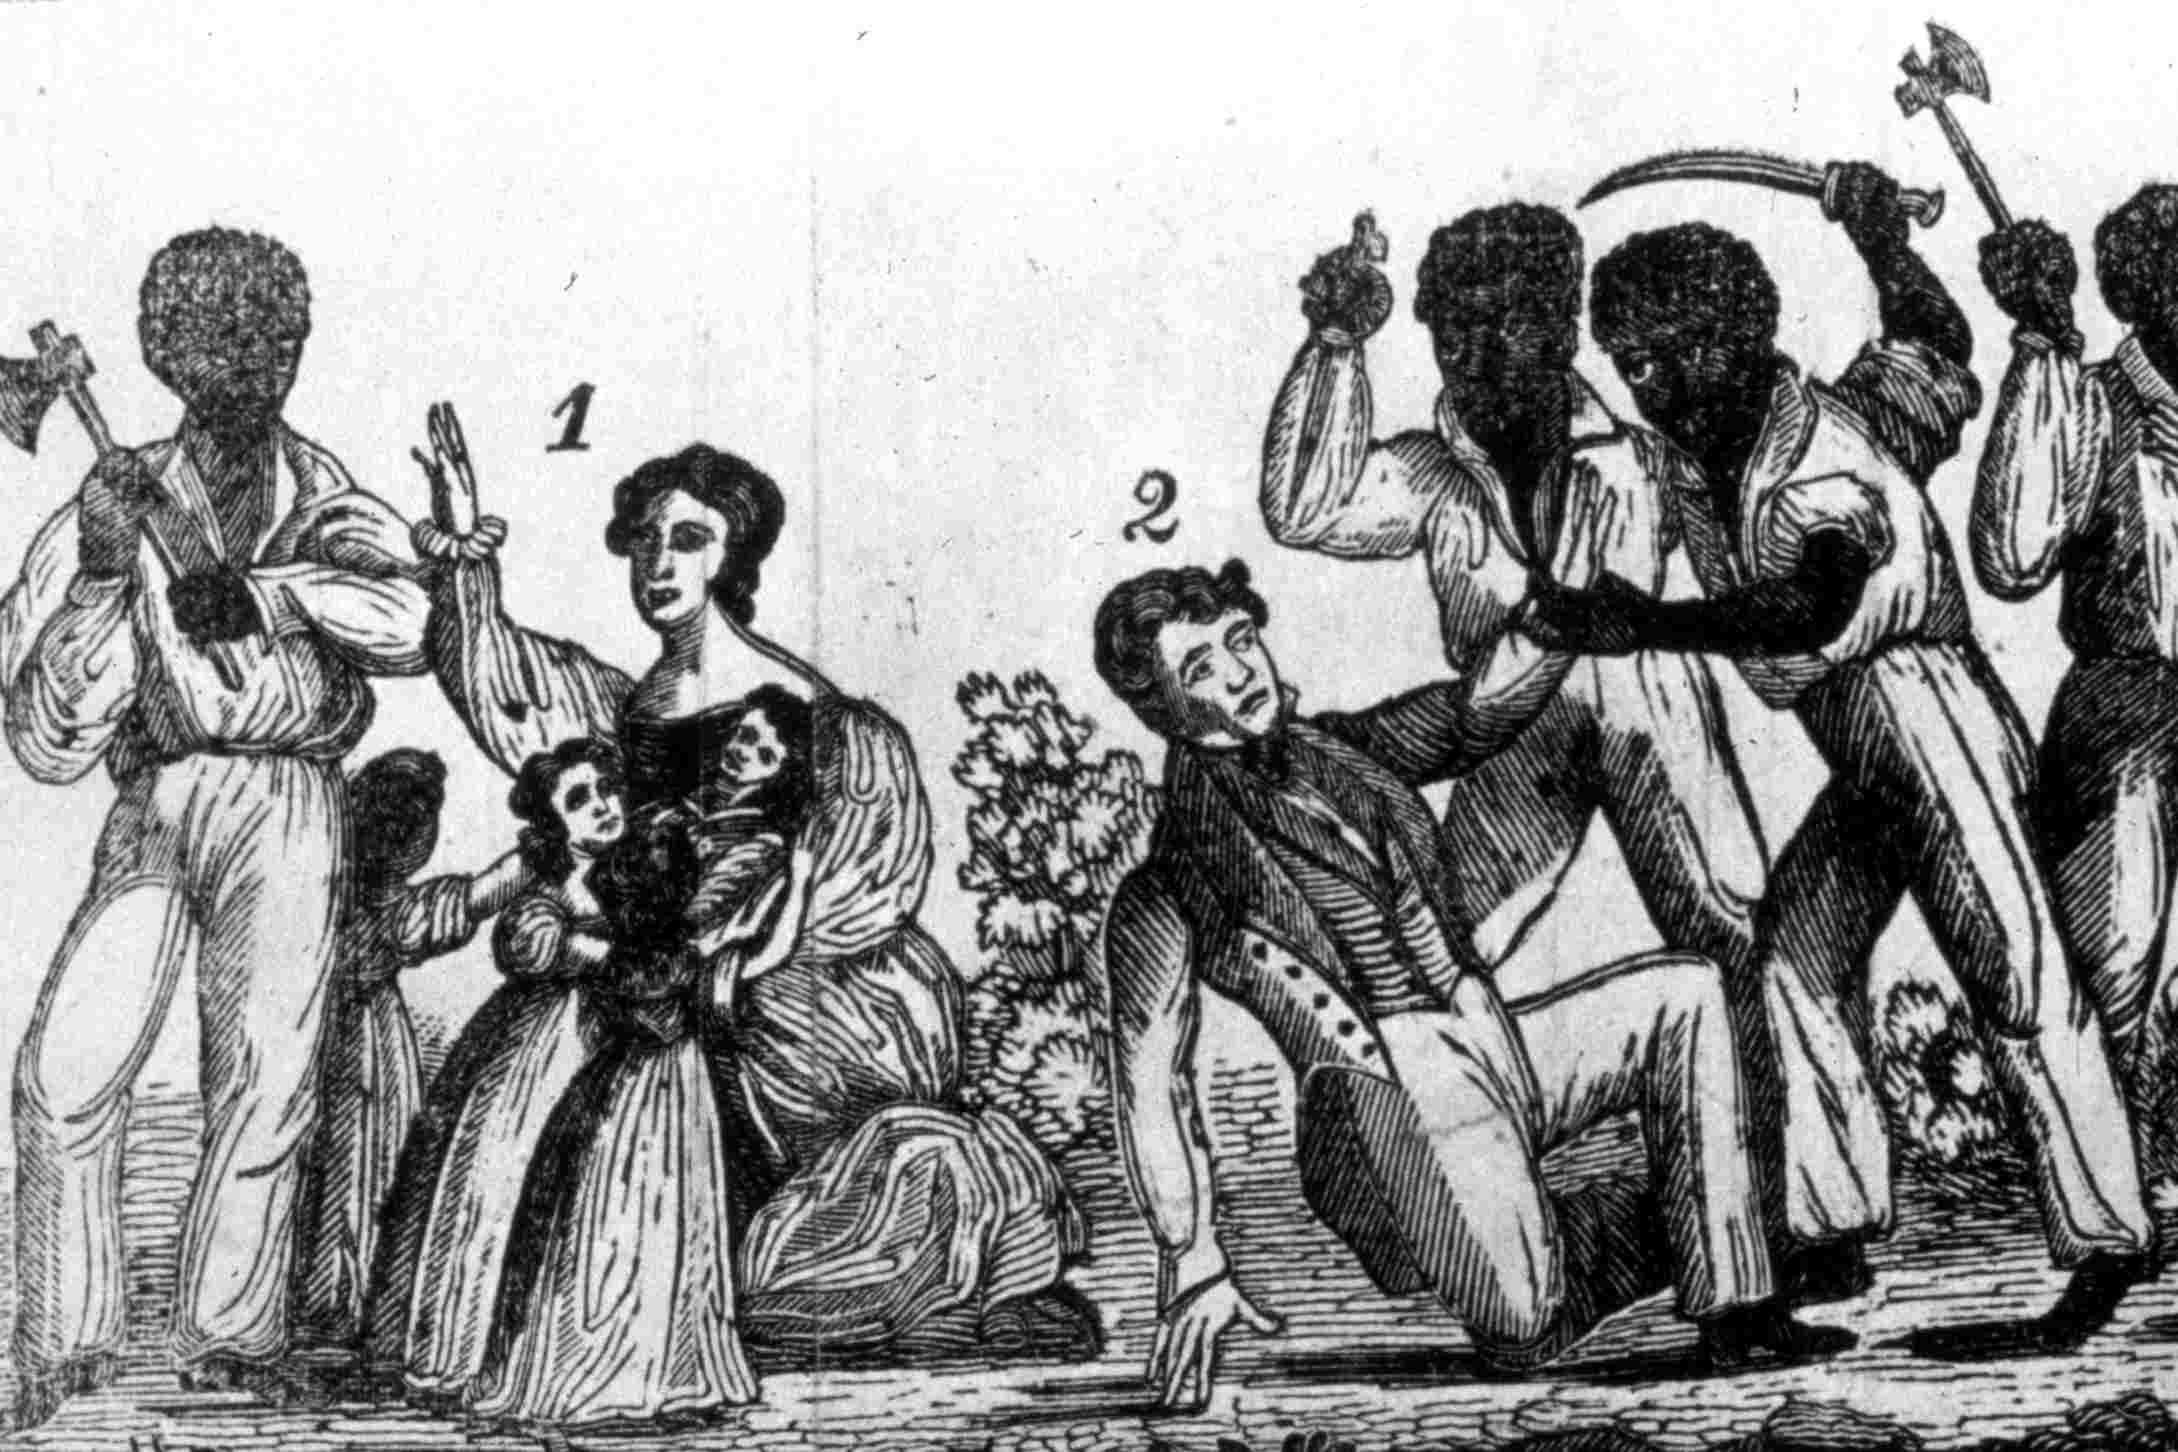 Nat Turner's Rebellion, a violent display of slaves resisting the brutality of the inhumane American slave system